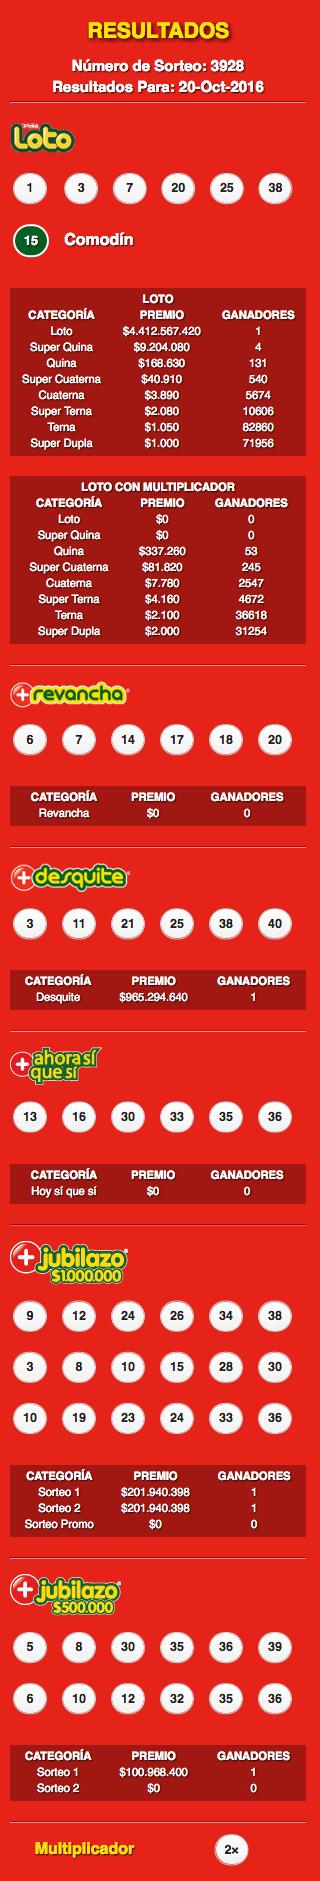 resultados-loto-chile-sorteo-3928